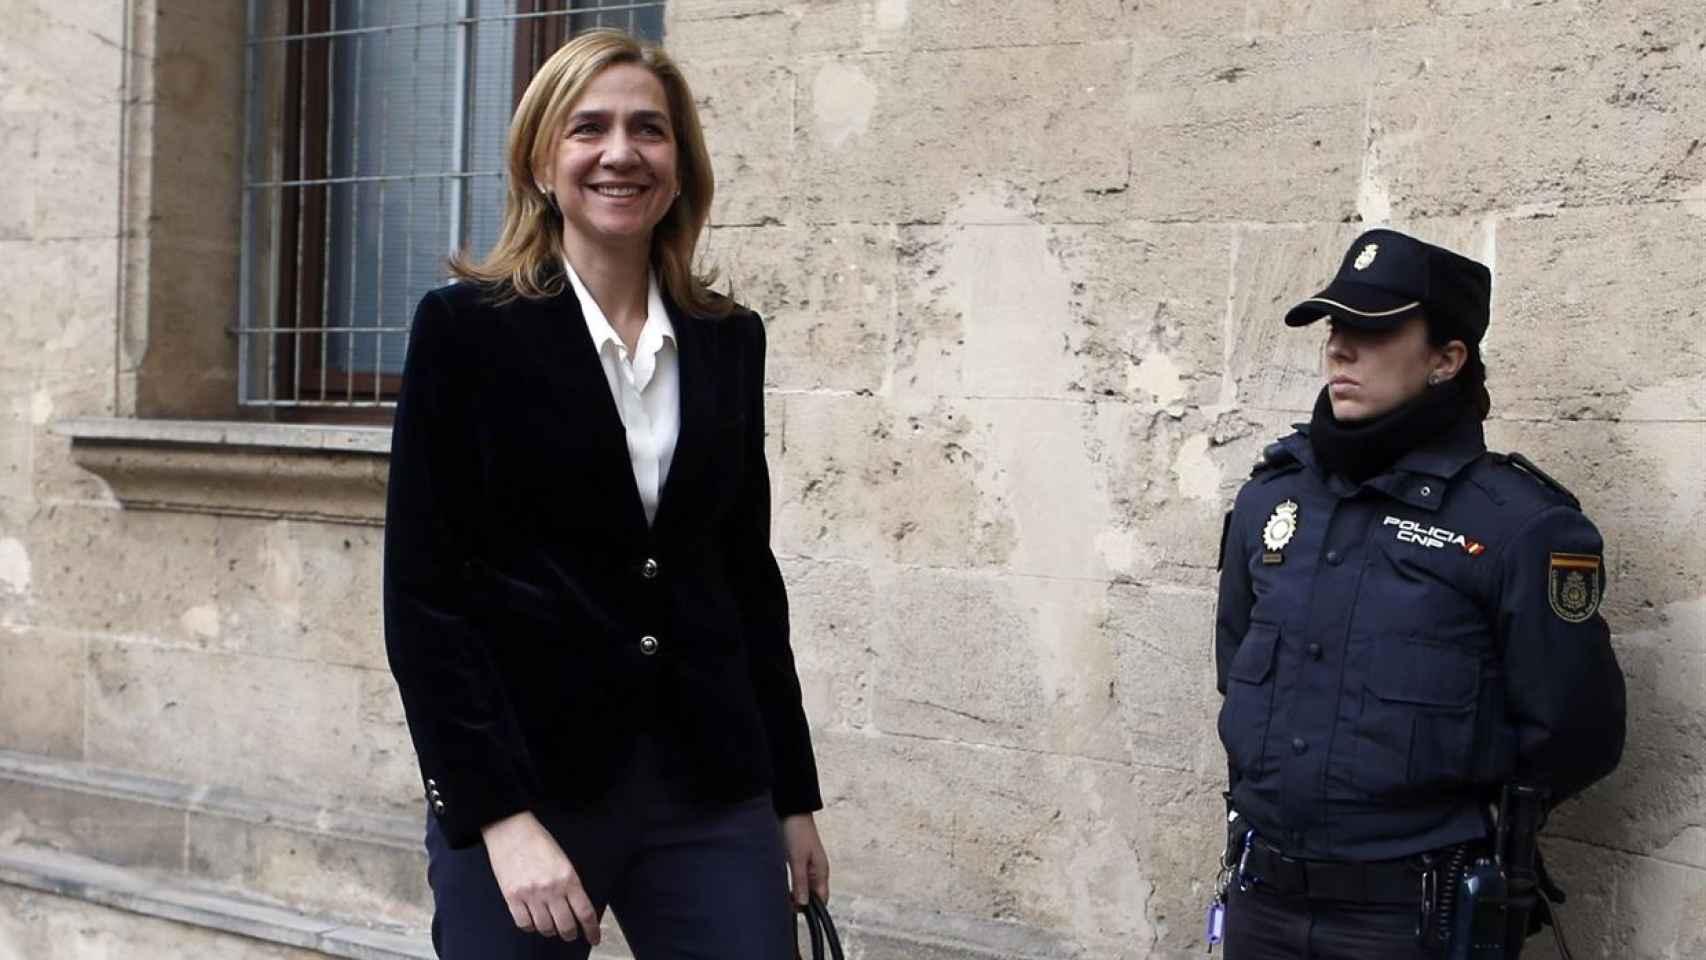 La infanta Cristina en los juzgados de Palma / Paul Hanna / Reuters